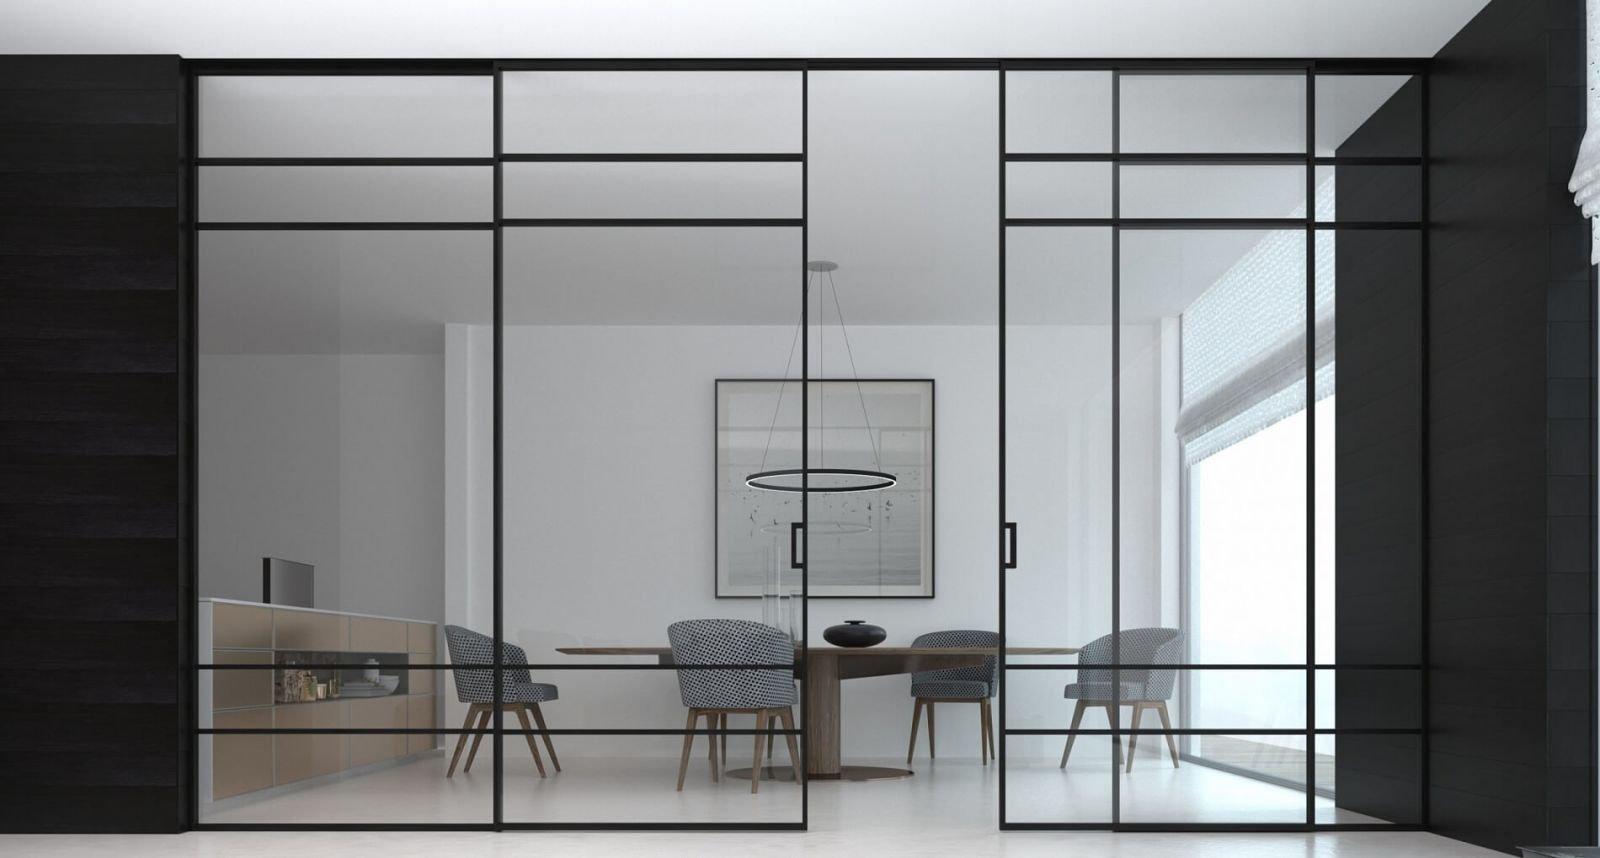 Для лофта не характерно строгое деление на комнаты. Пространство делится на несколько тематических зон.